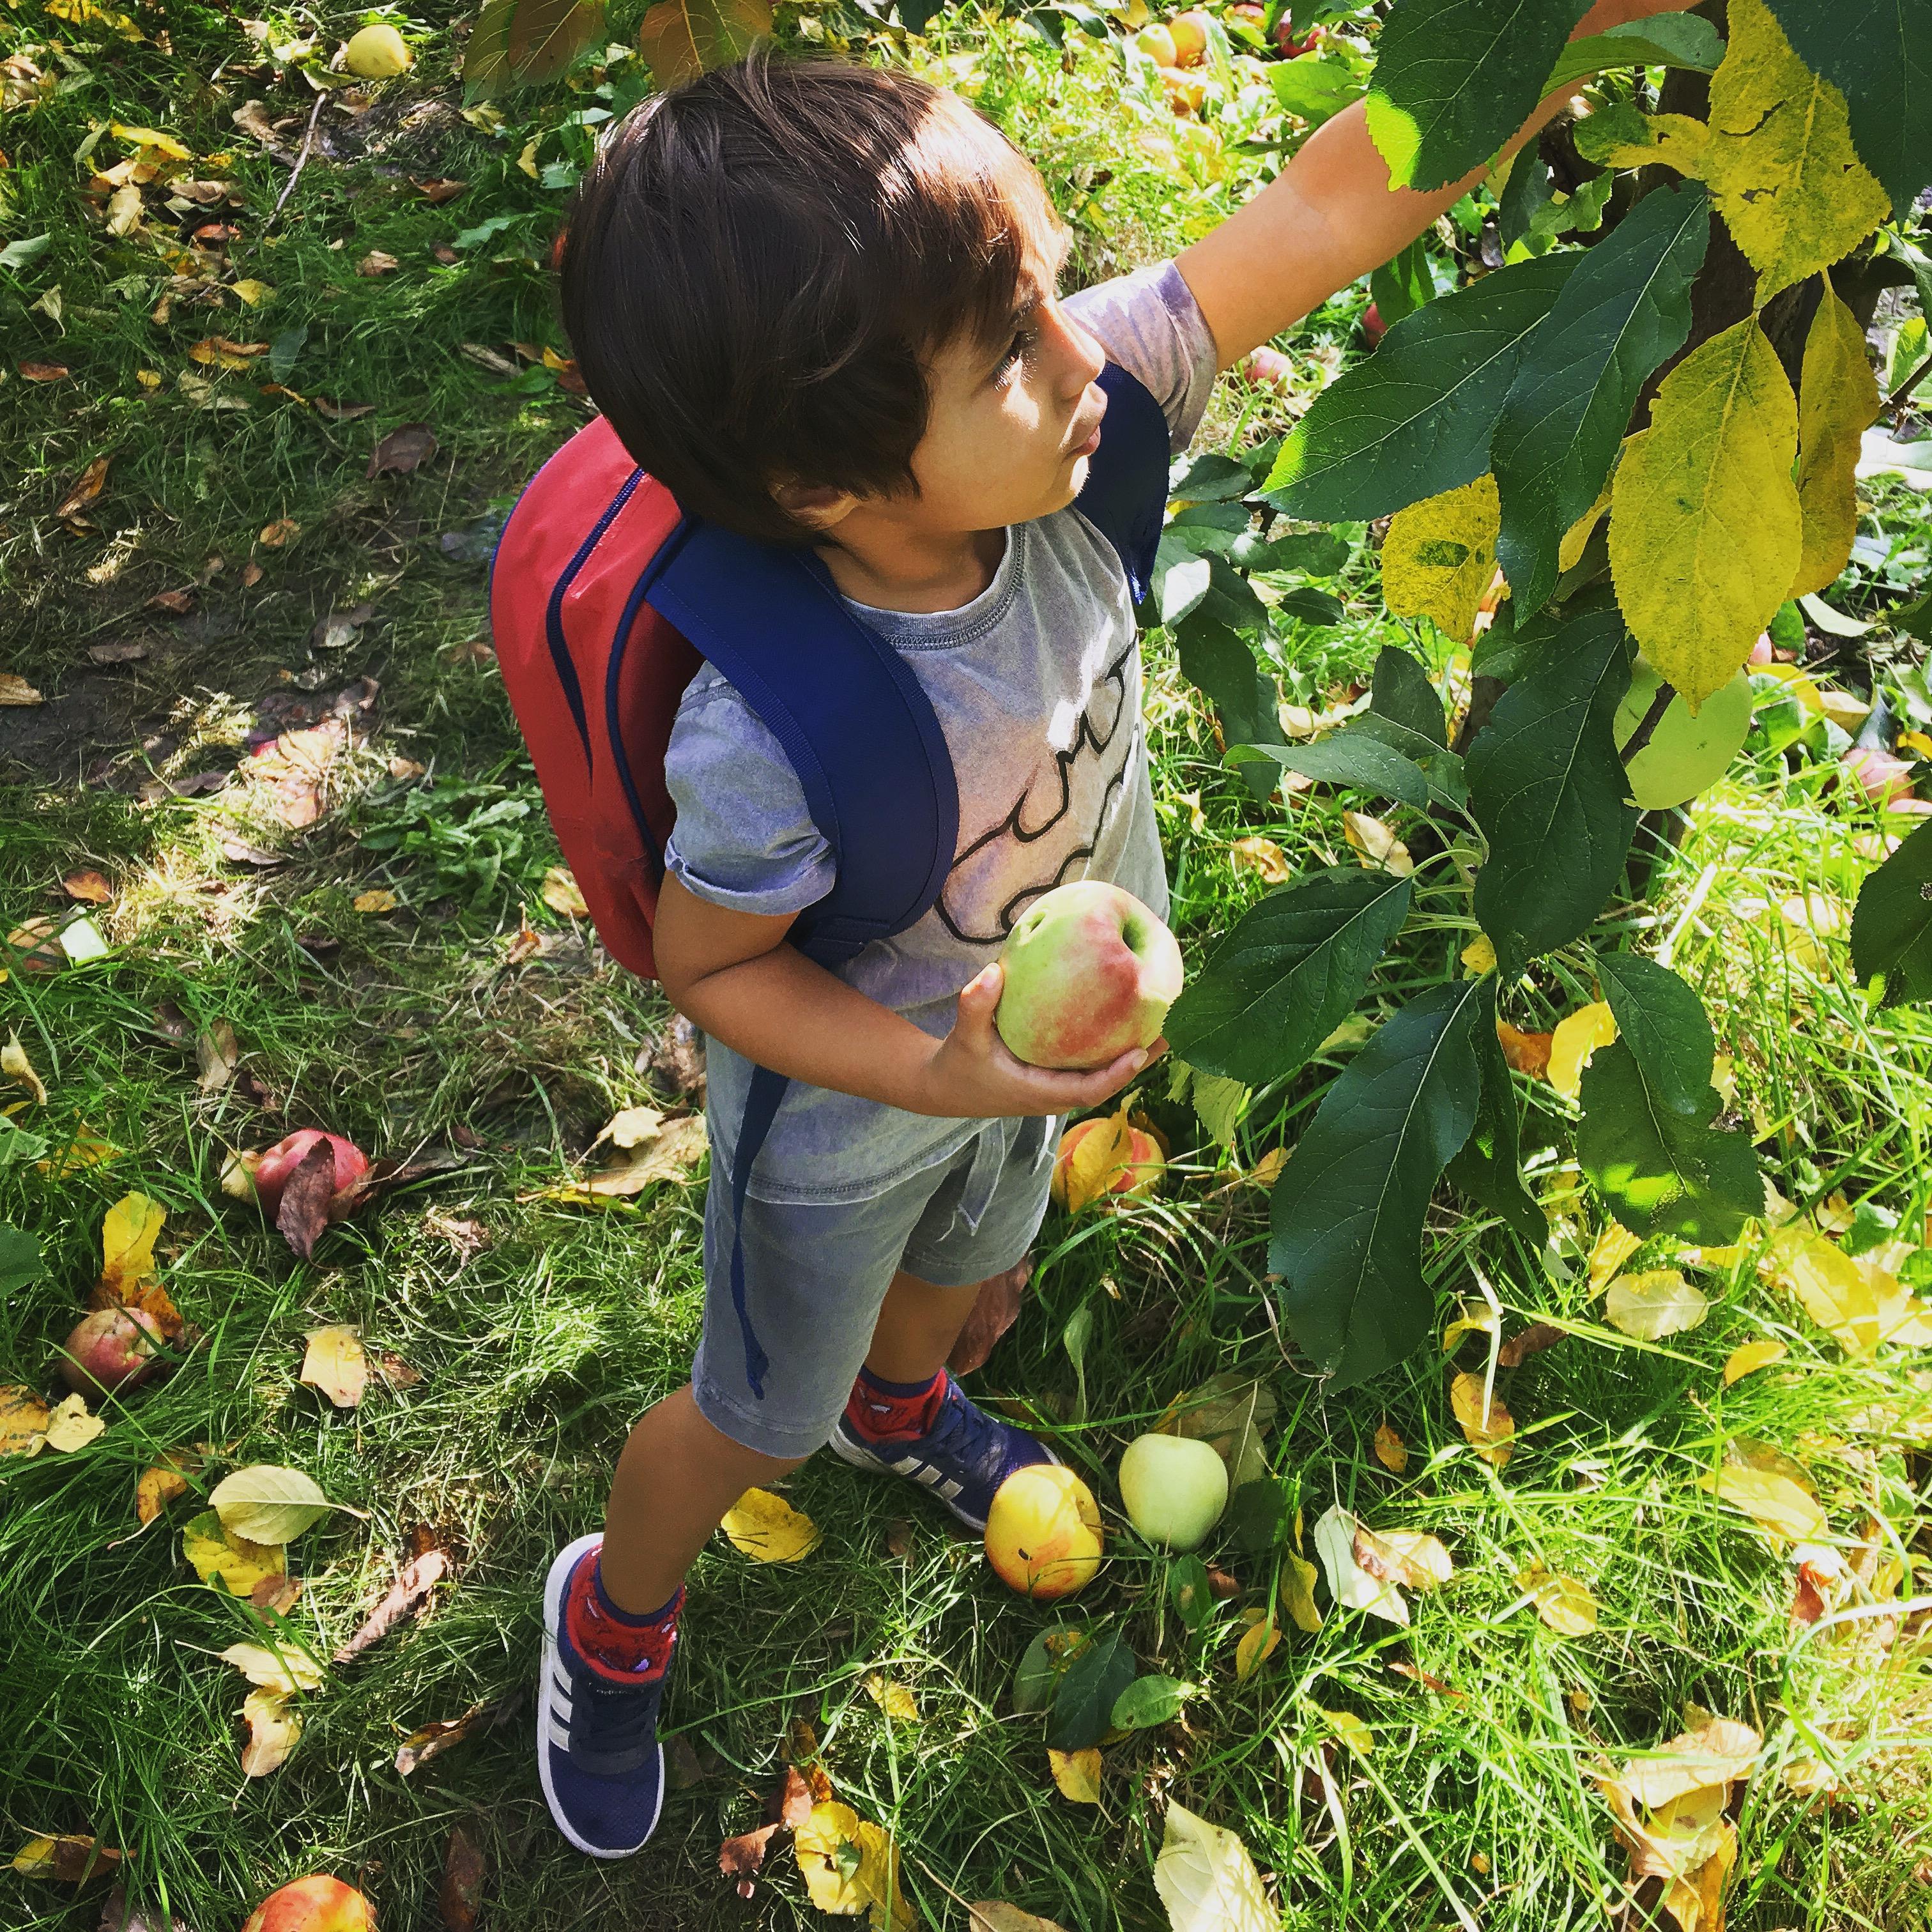 Olmhoeve landgoed appels peren zelf plukken